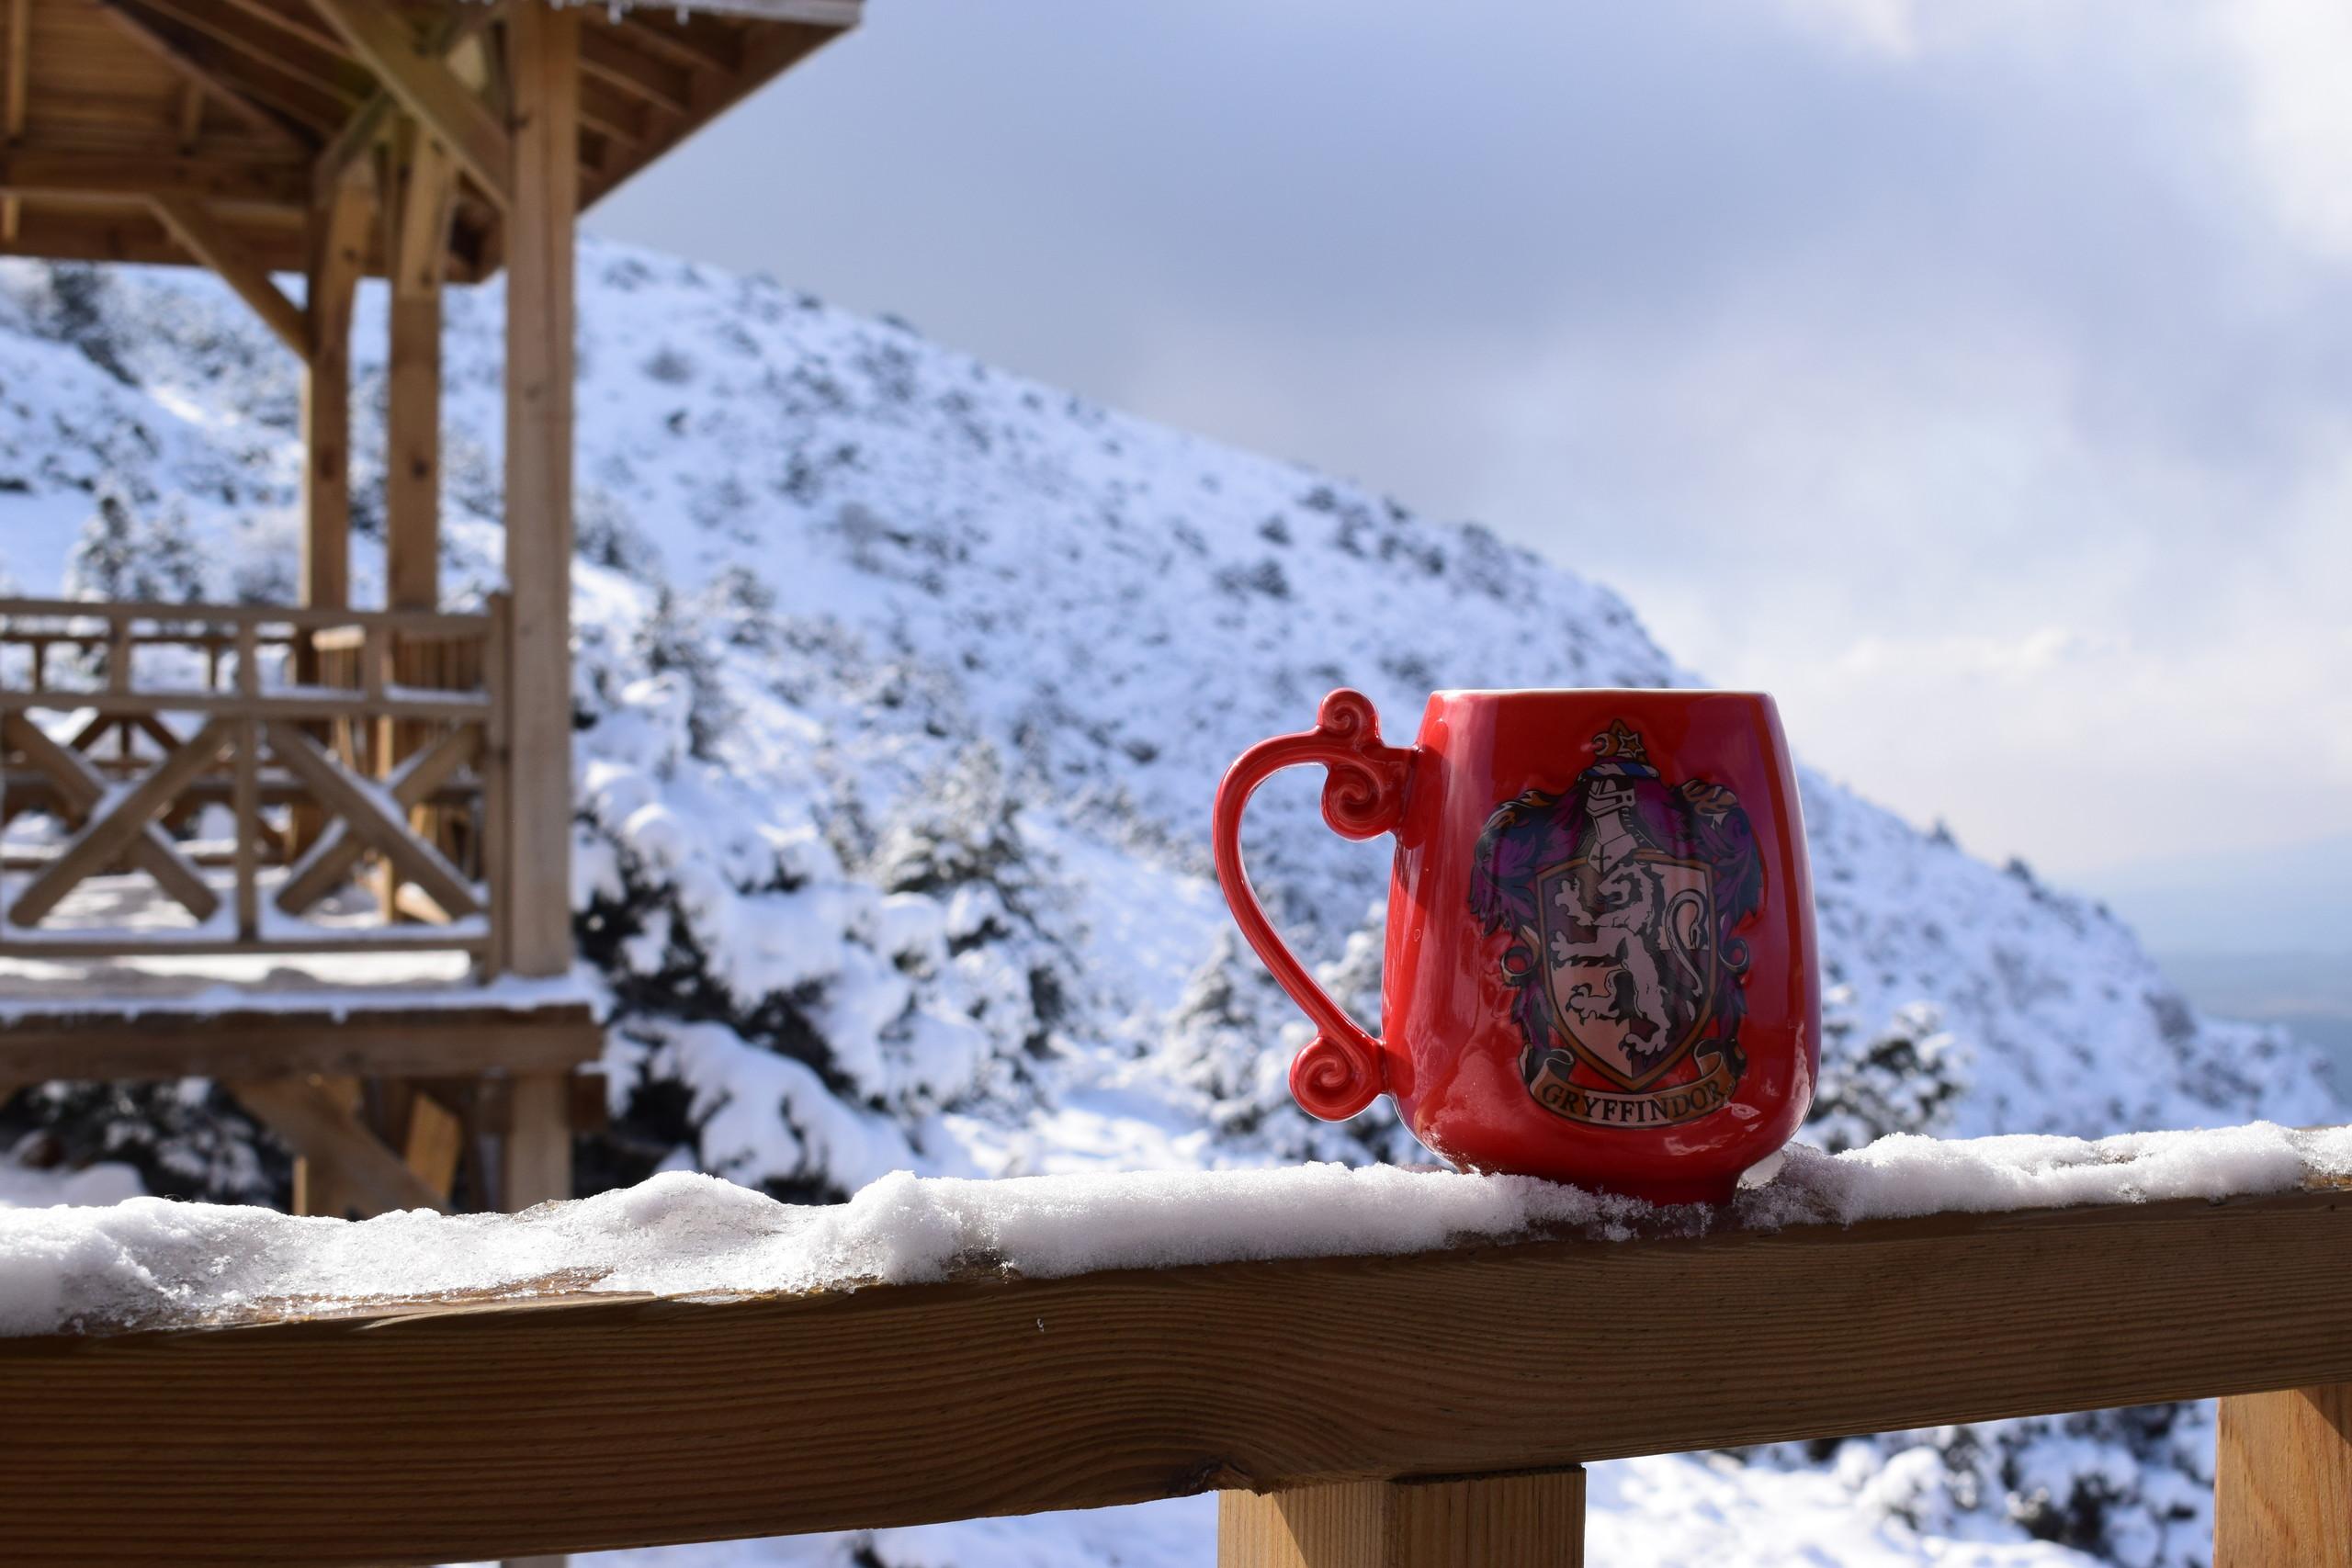 Karlı bir manzarada kırmızı bir kahve kupası fotoğrafı. Arka planda dağdaki çam ağaçları karla kaplanmış. Bardak Harry Potter serisindeki Gryffindor binasının sembolünü taşıyor.